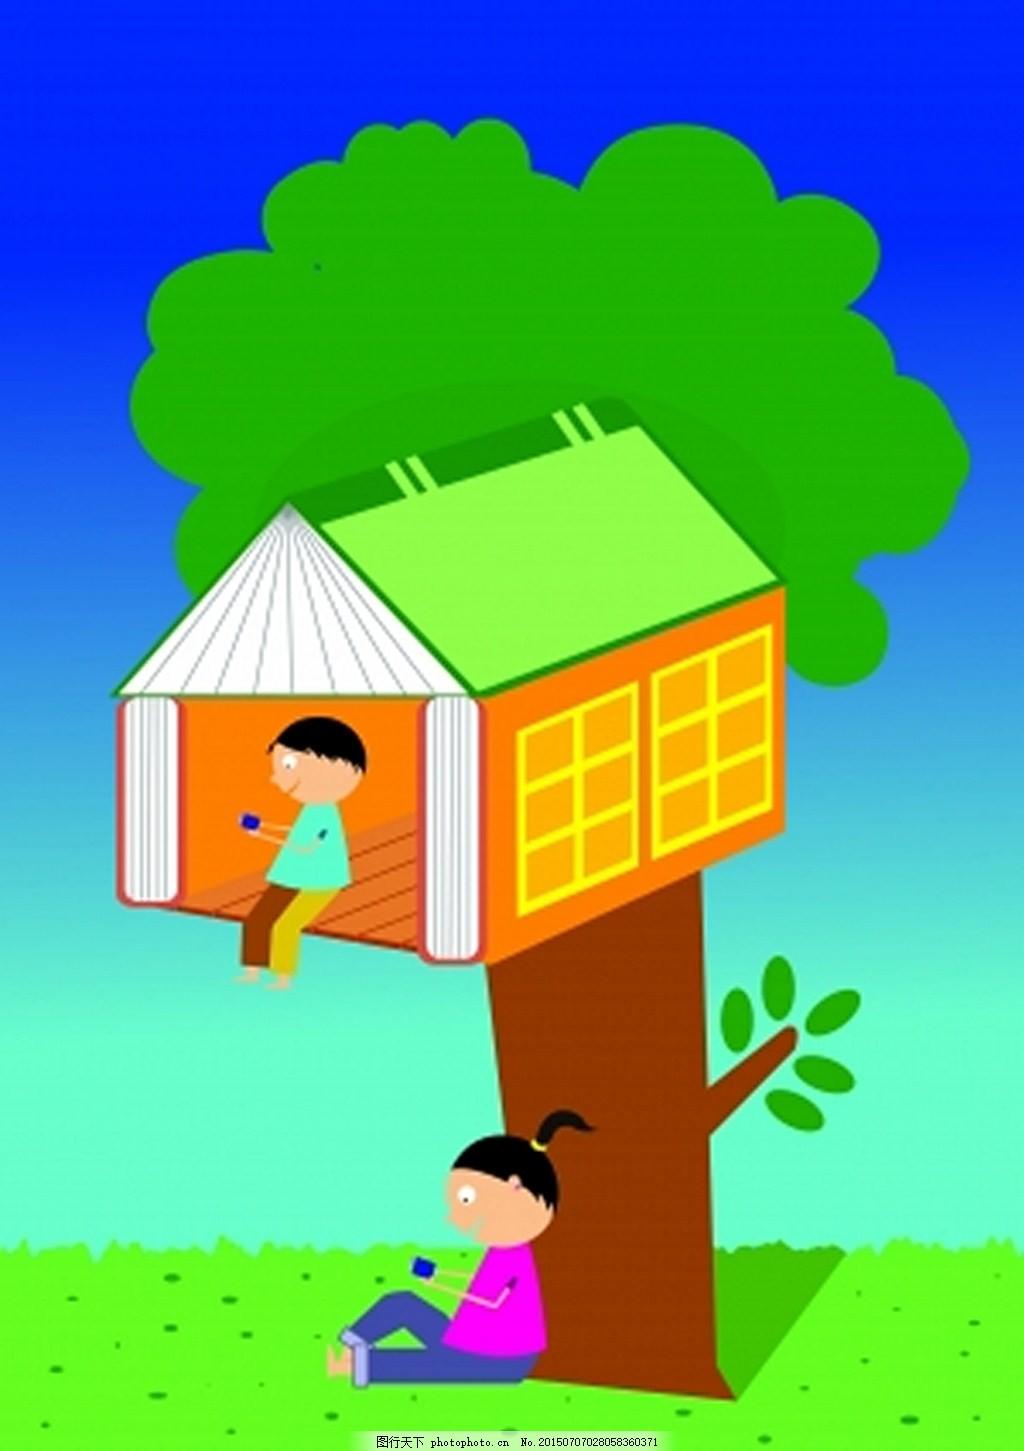 树上的房子 卡通 小孩 绿色图片